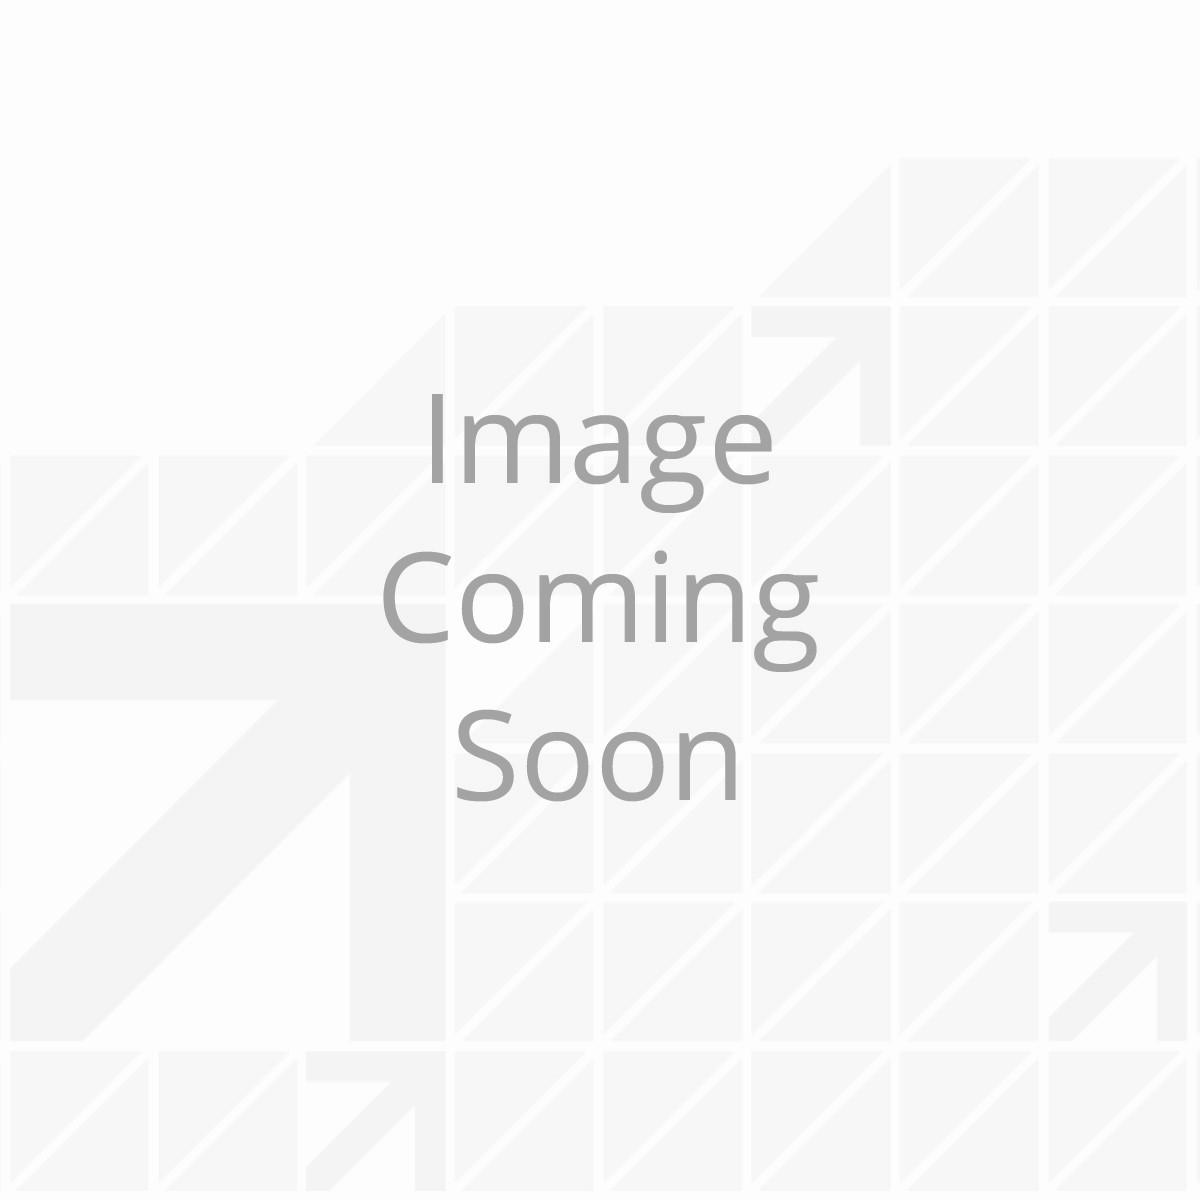 Thomas Payne® Adjustable Microfiber Sheet Set, White - King